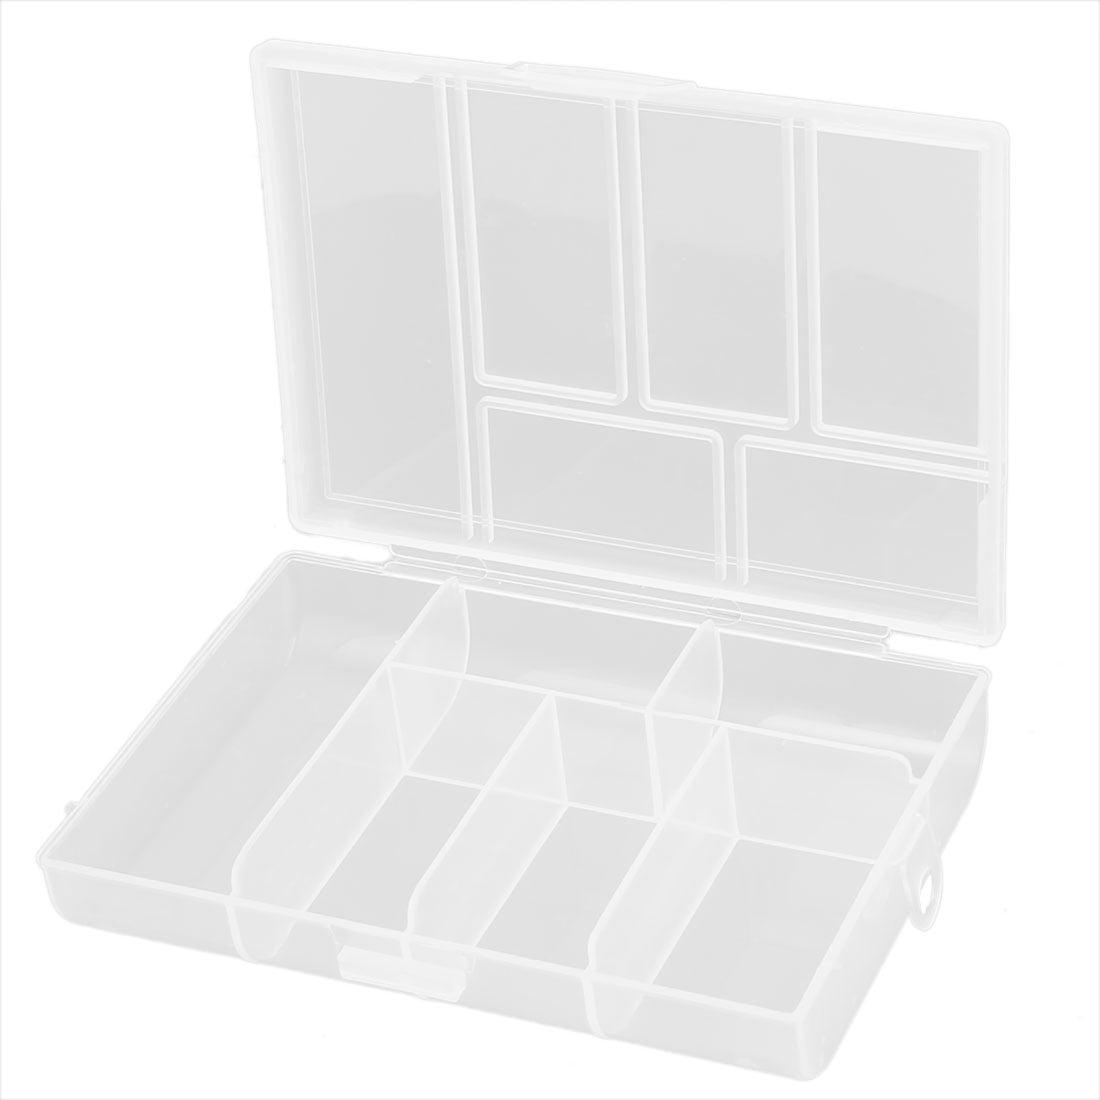 Unique Bargains 6 Compartments Fishing Tackle Box Hook Lure Case by Unique-Bargains